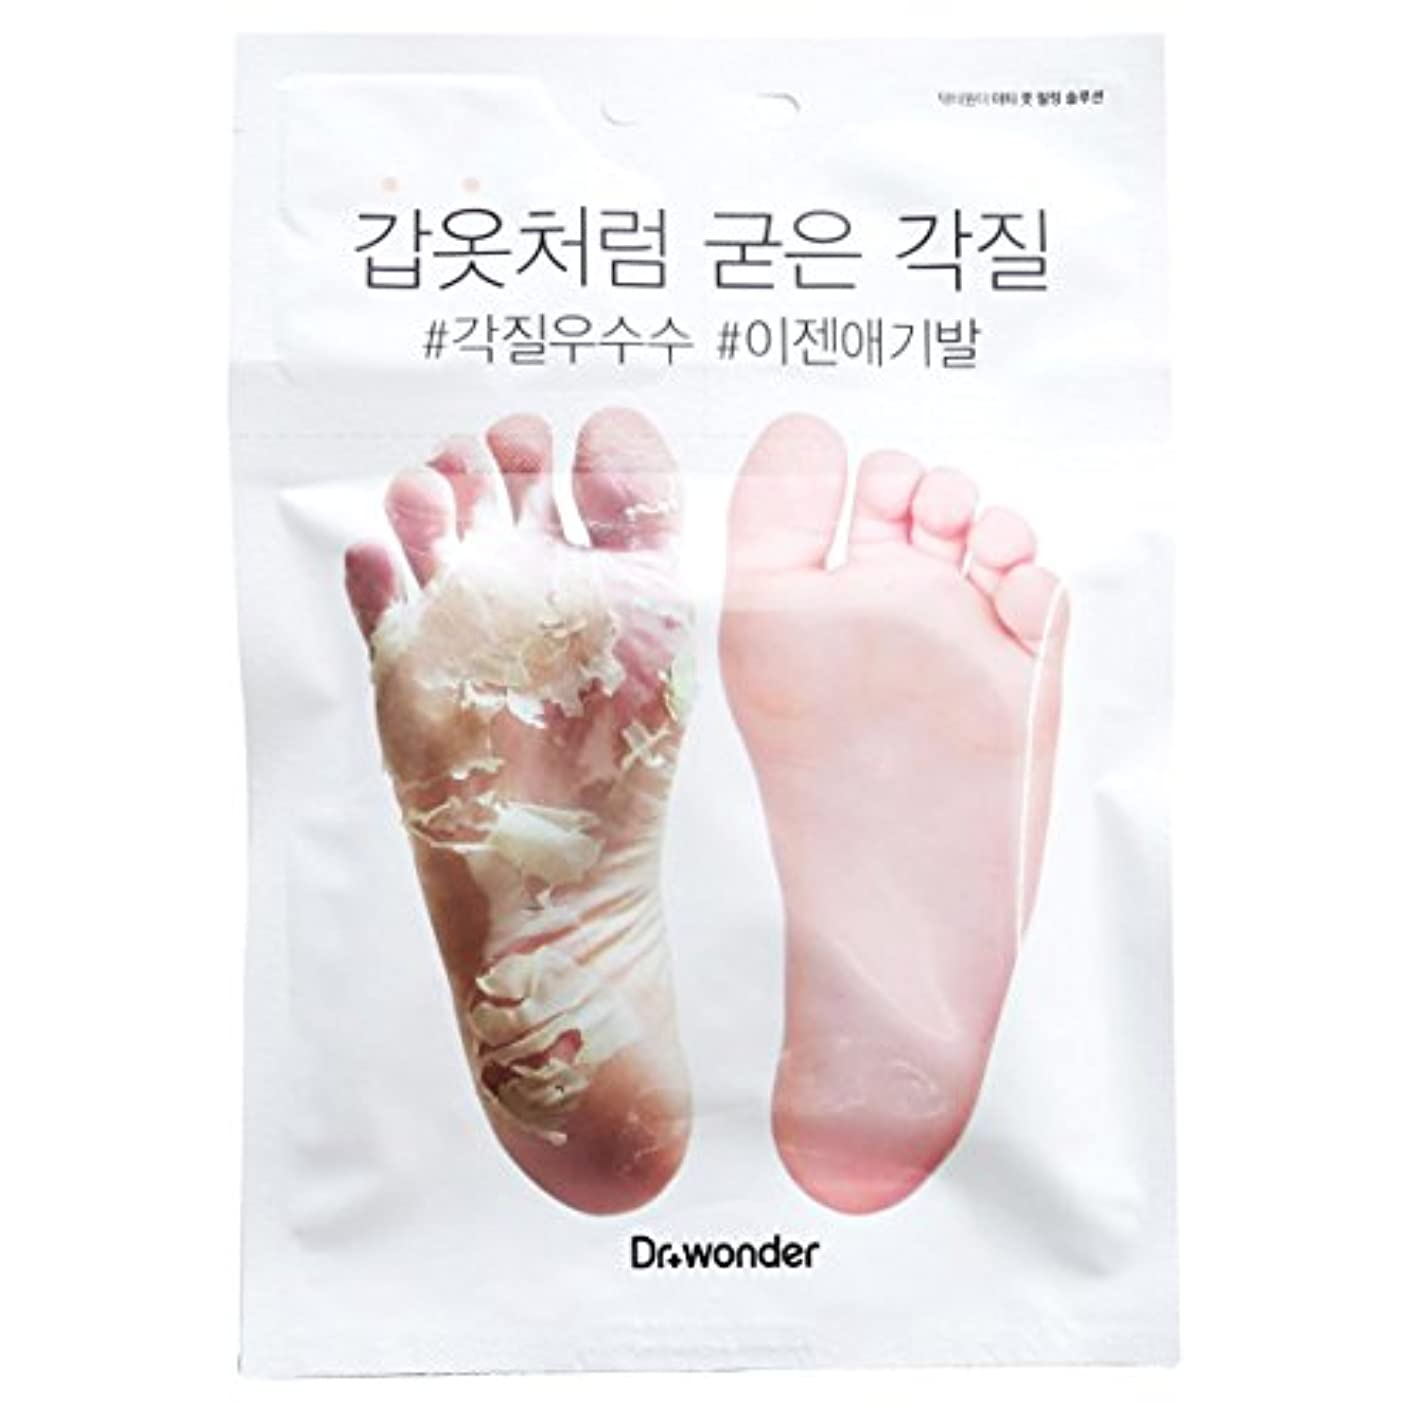 暴露挽く土曜日[ドクターワンダー/ Dr+ wonder] Good Bye, Dirty Foot! Doctor Wonder Crocodile Foot Mask Pack / ドクターワンダーワニバルペク/鎧のような硬い角質...